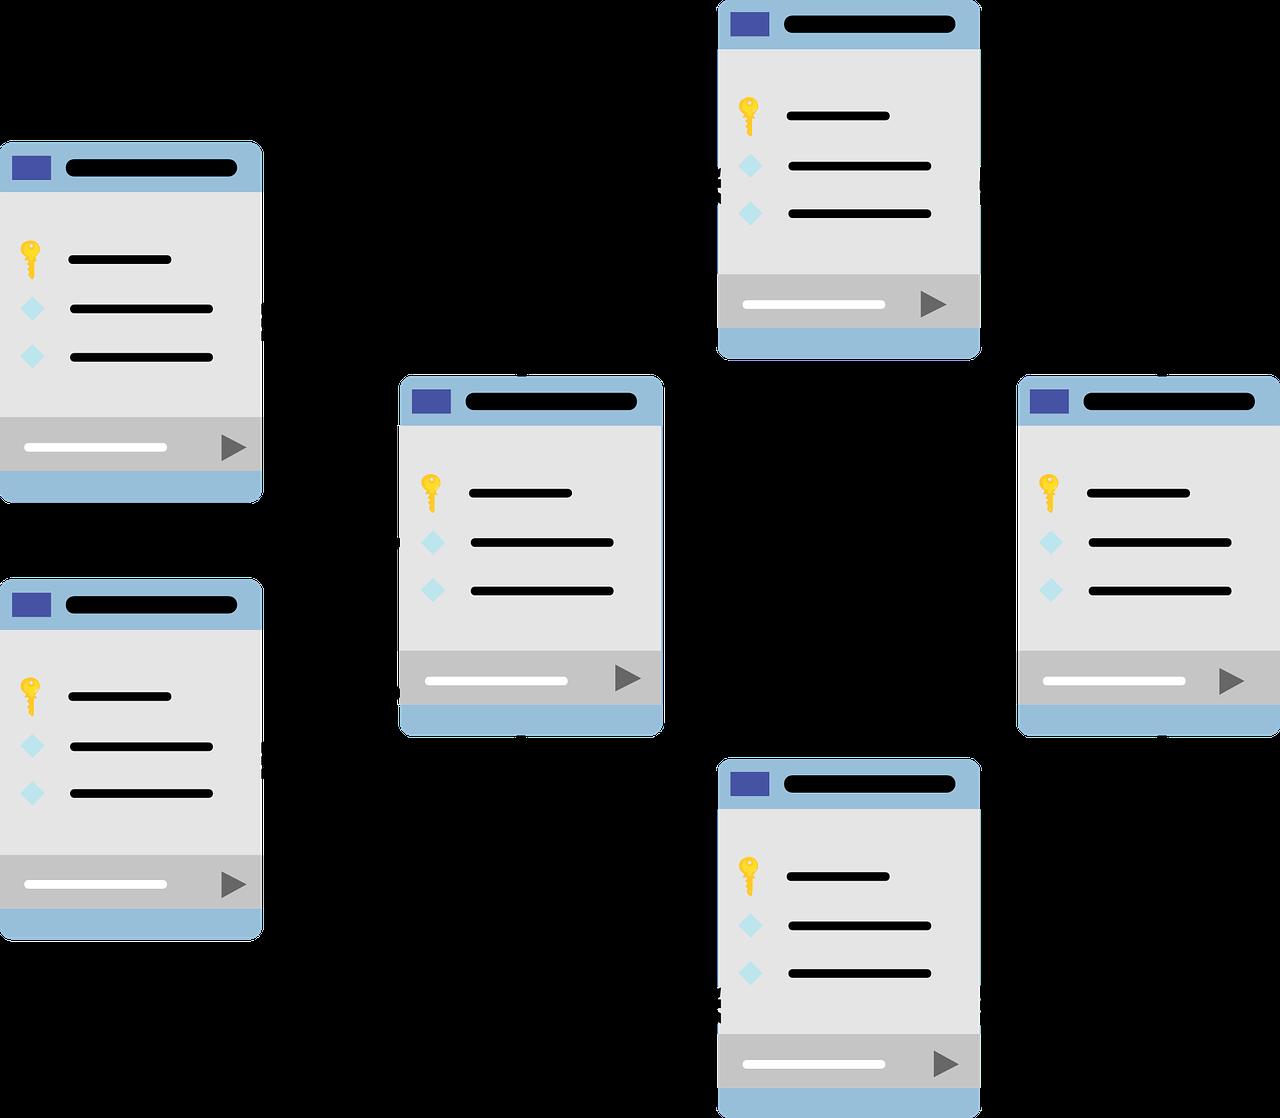 エクセルデータをSQLにインポートする方法